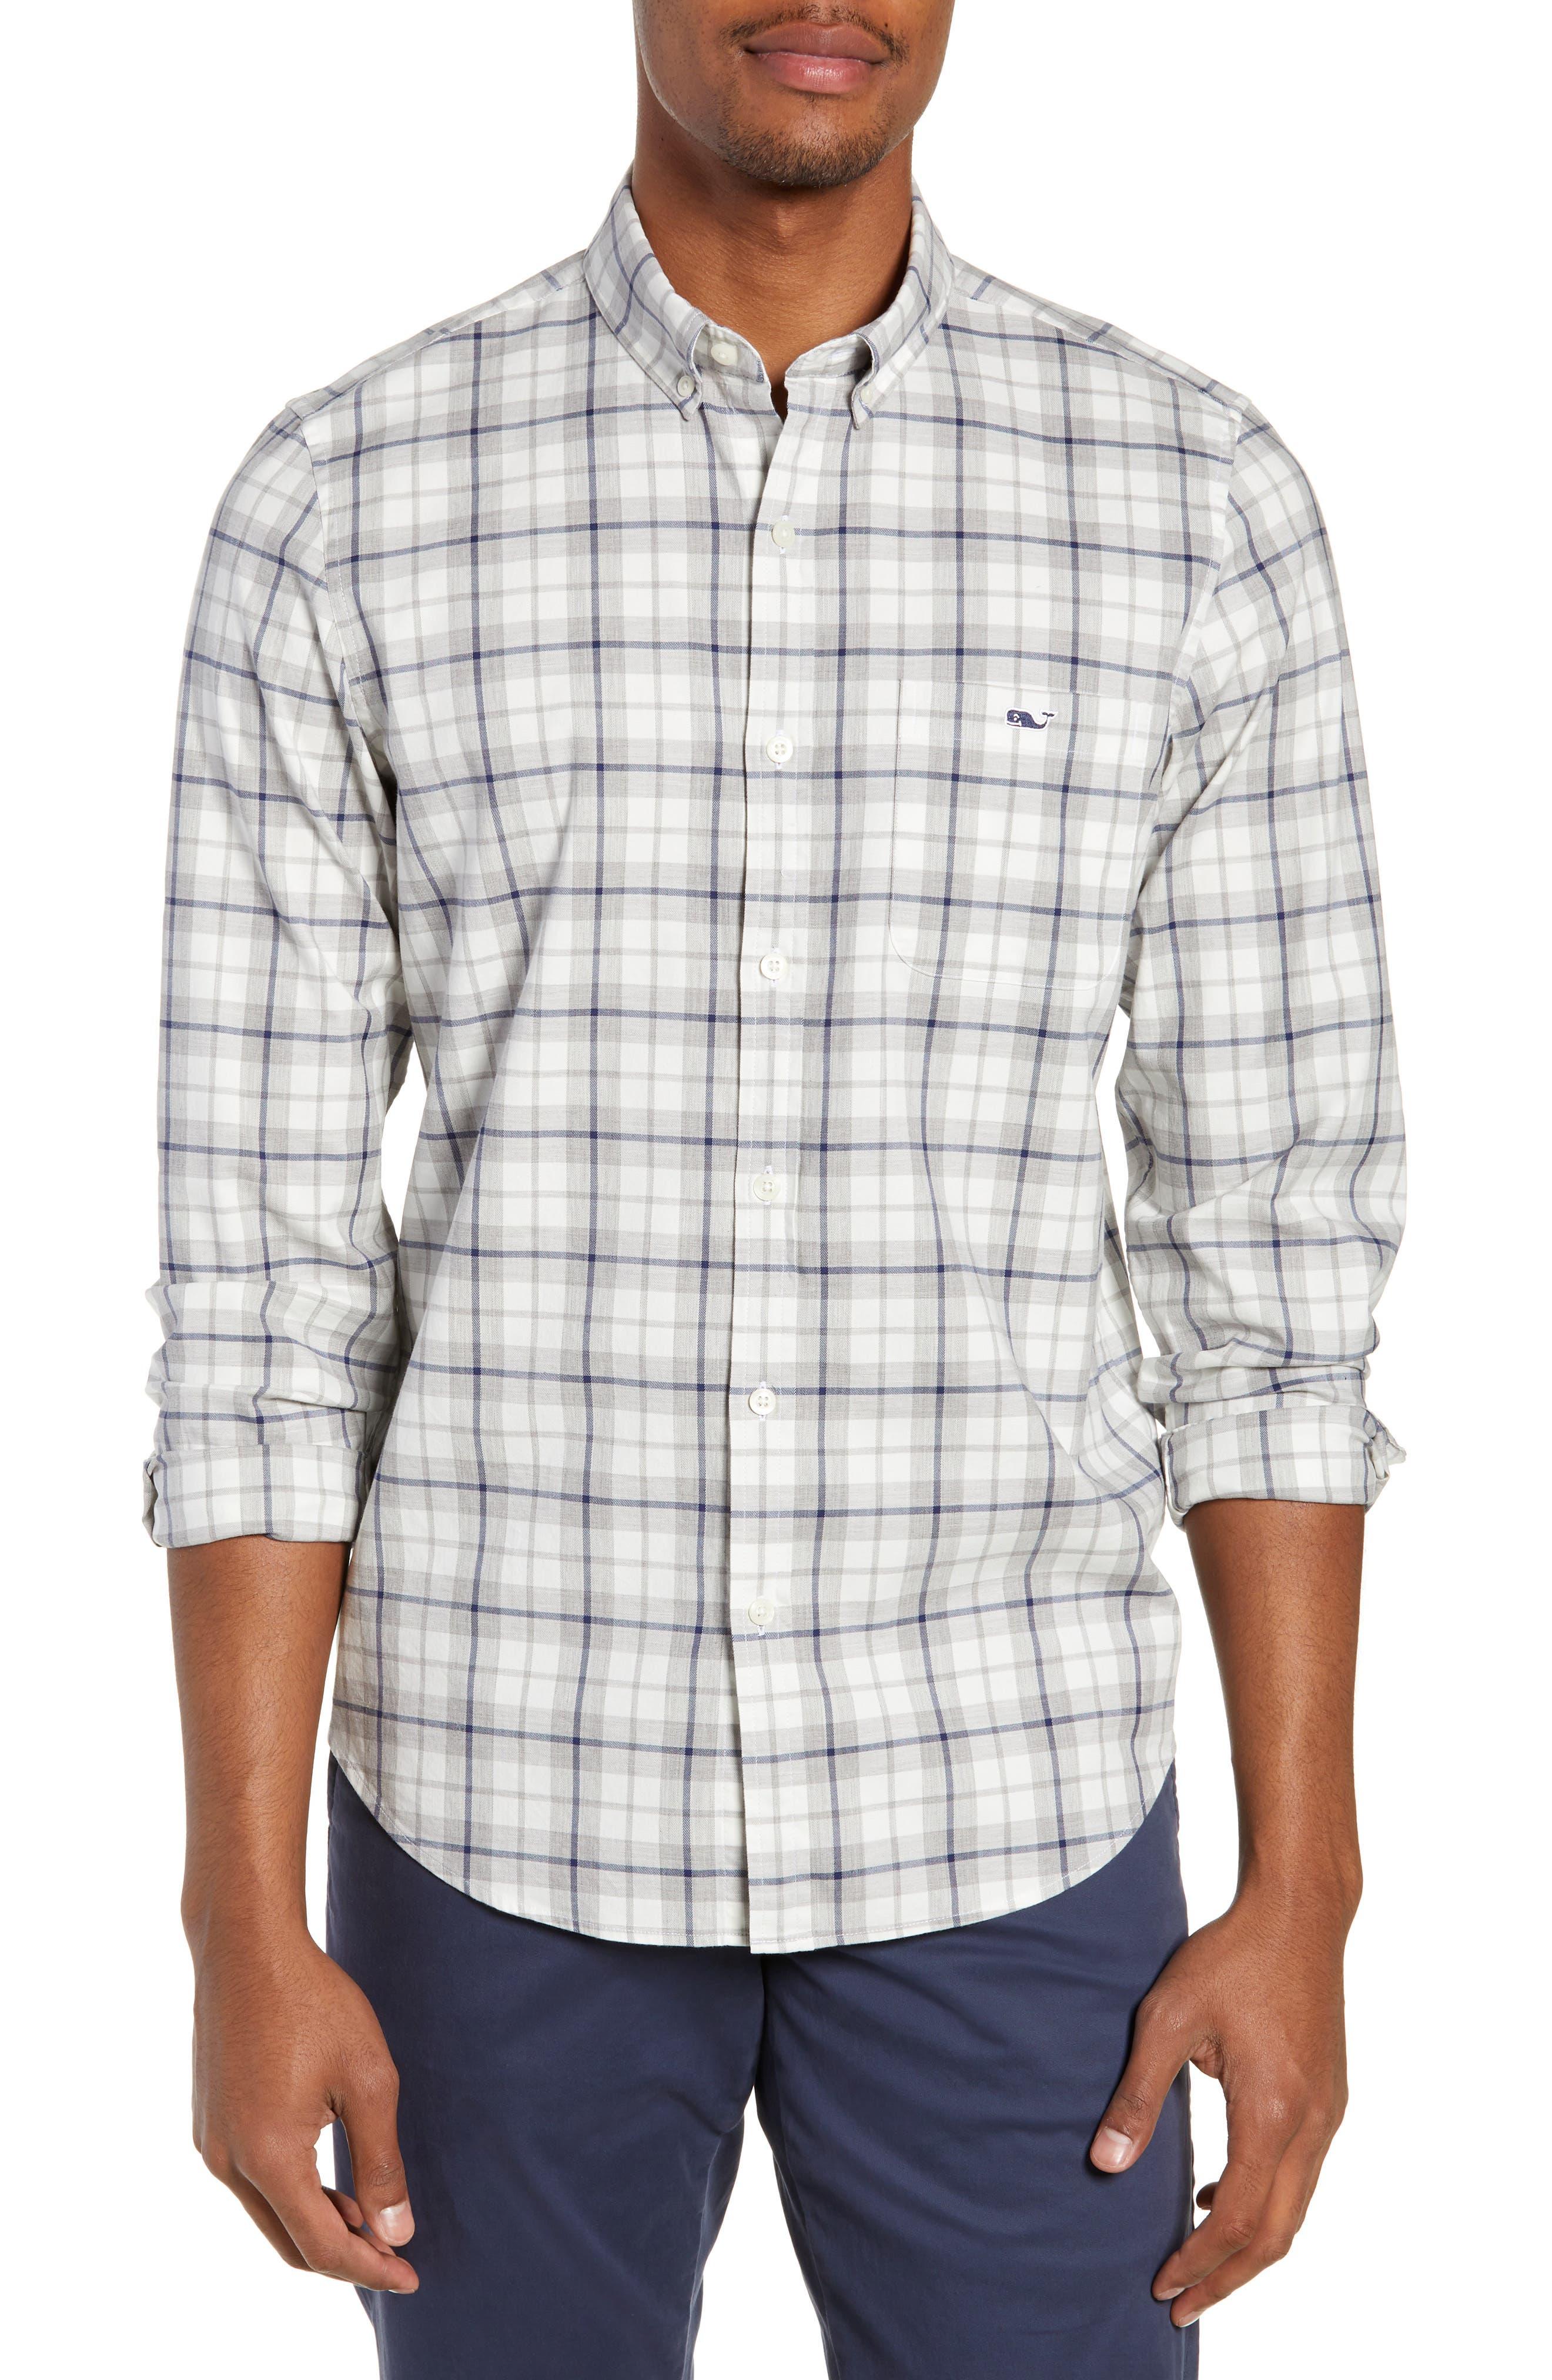 VINEYARD VINES Putnum Cottage Tucker Plaid Slim Fit Button-Down Shirt in Barracuda